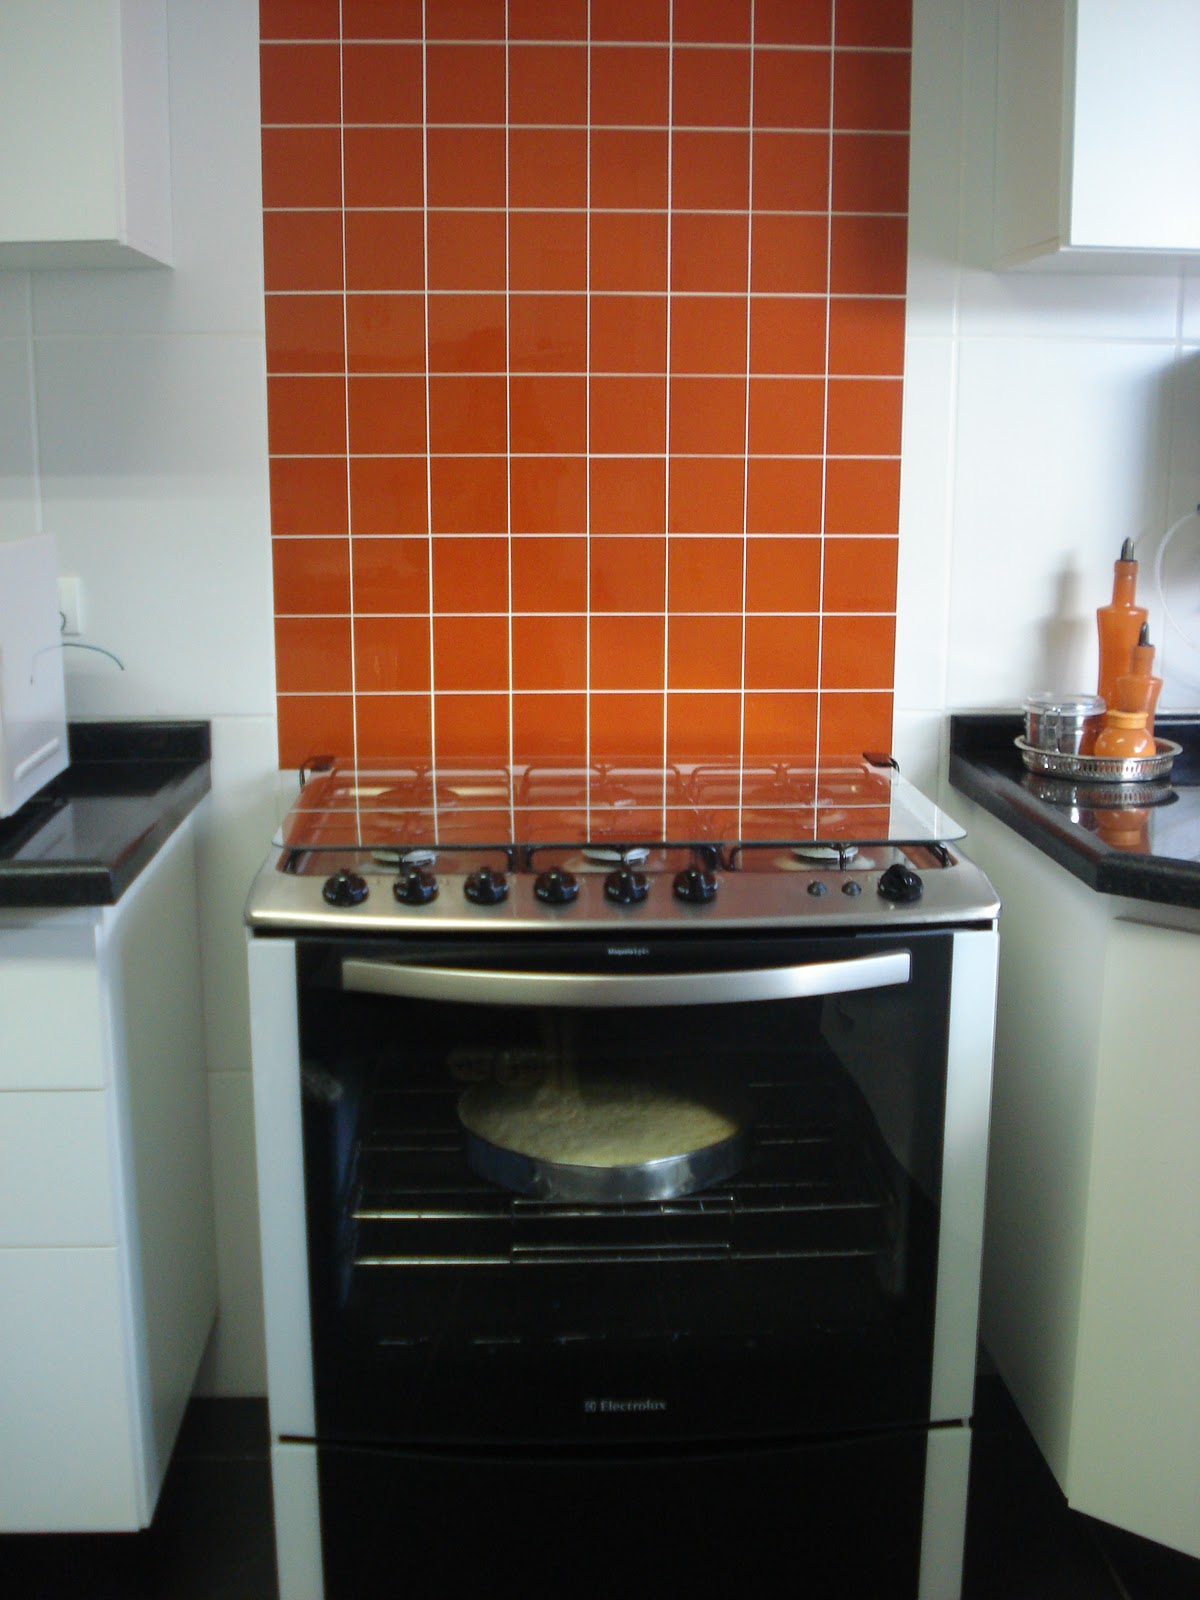 marcenaria do banheiro da cozinha e da lavanderia foi executada  #B44A17 1200 1600